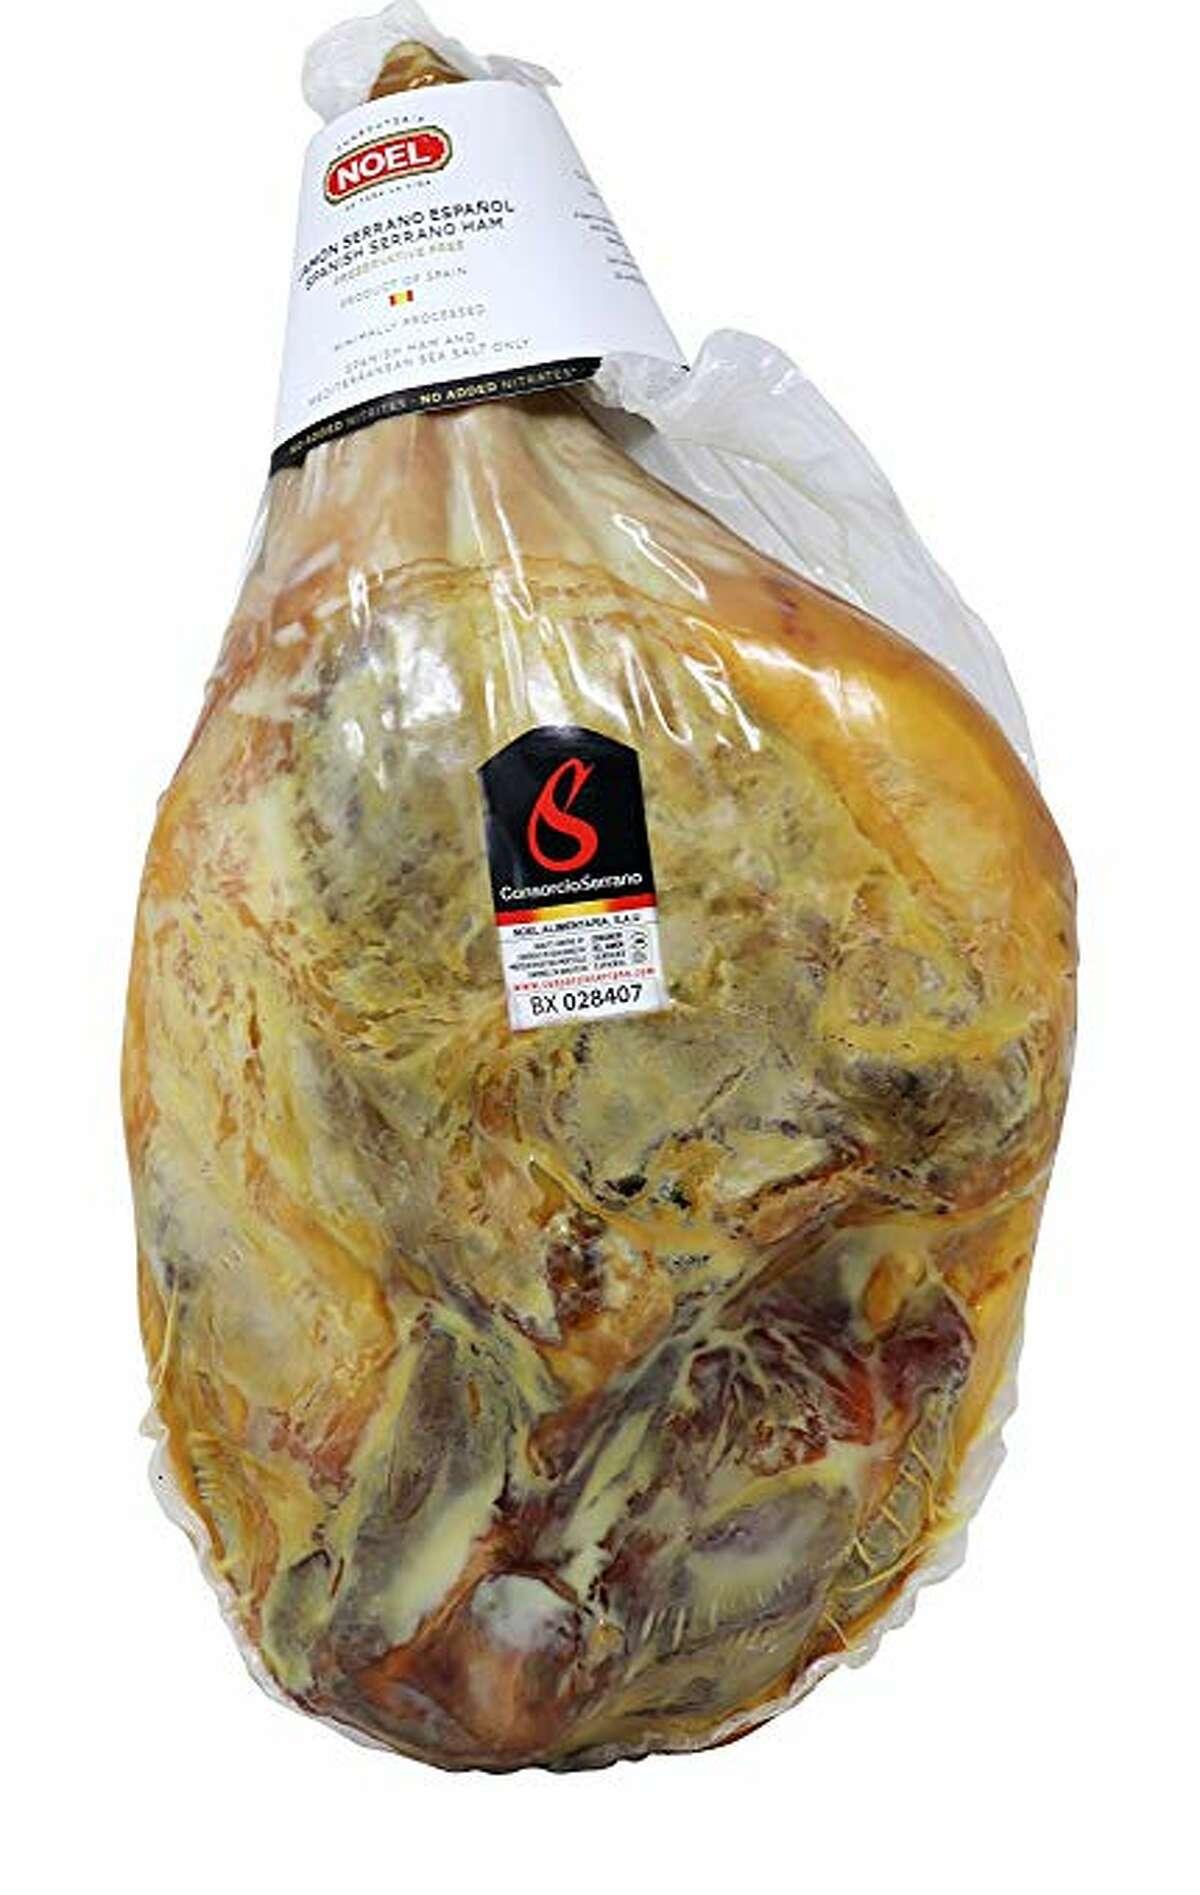 Noel Serrano ham available at Costco.